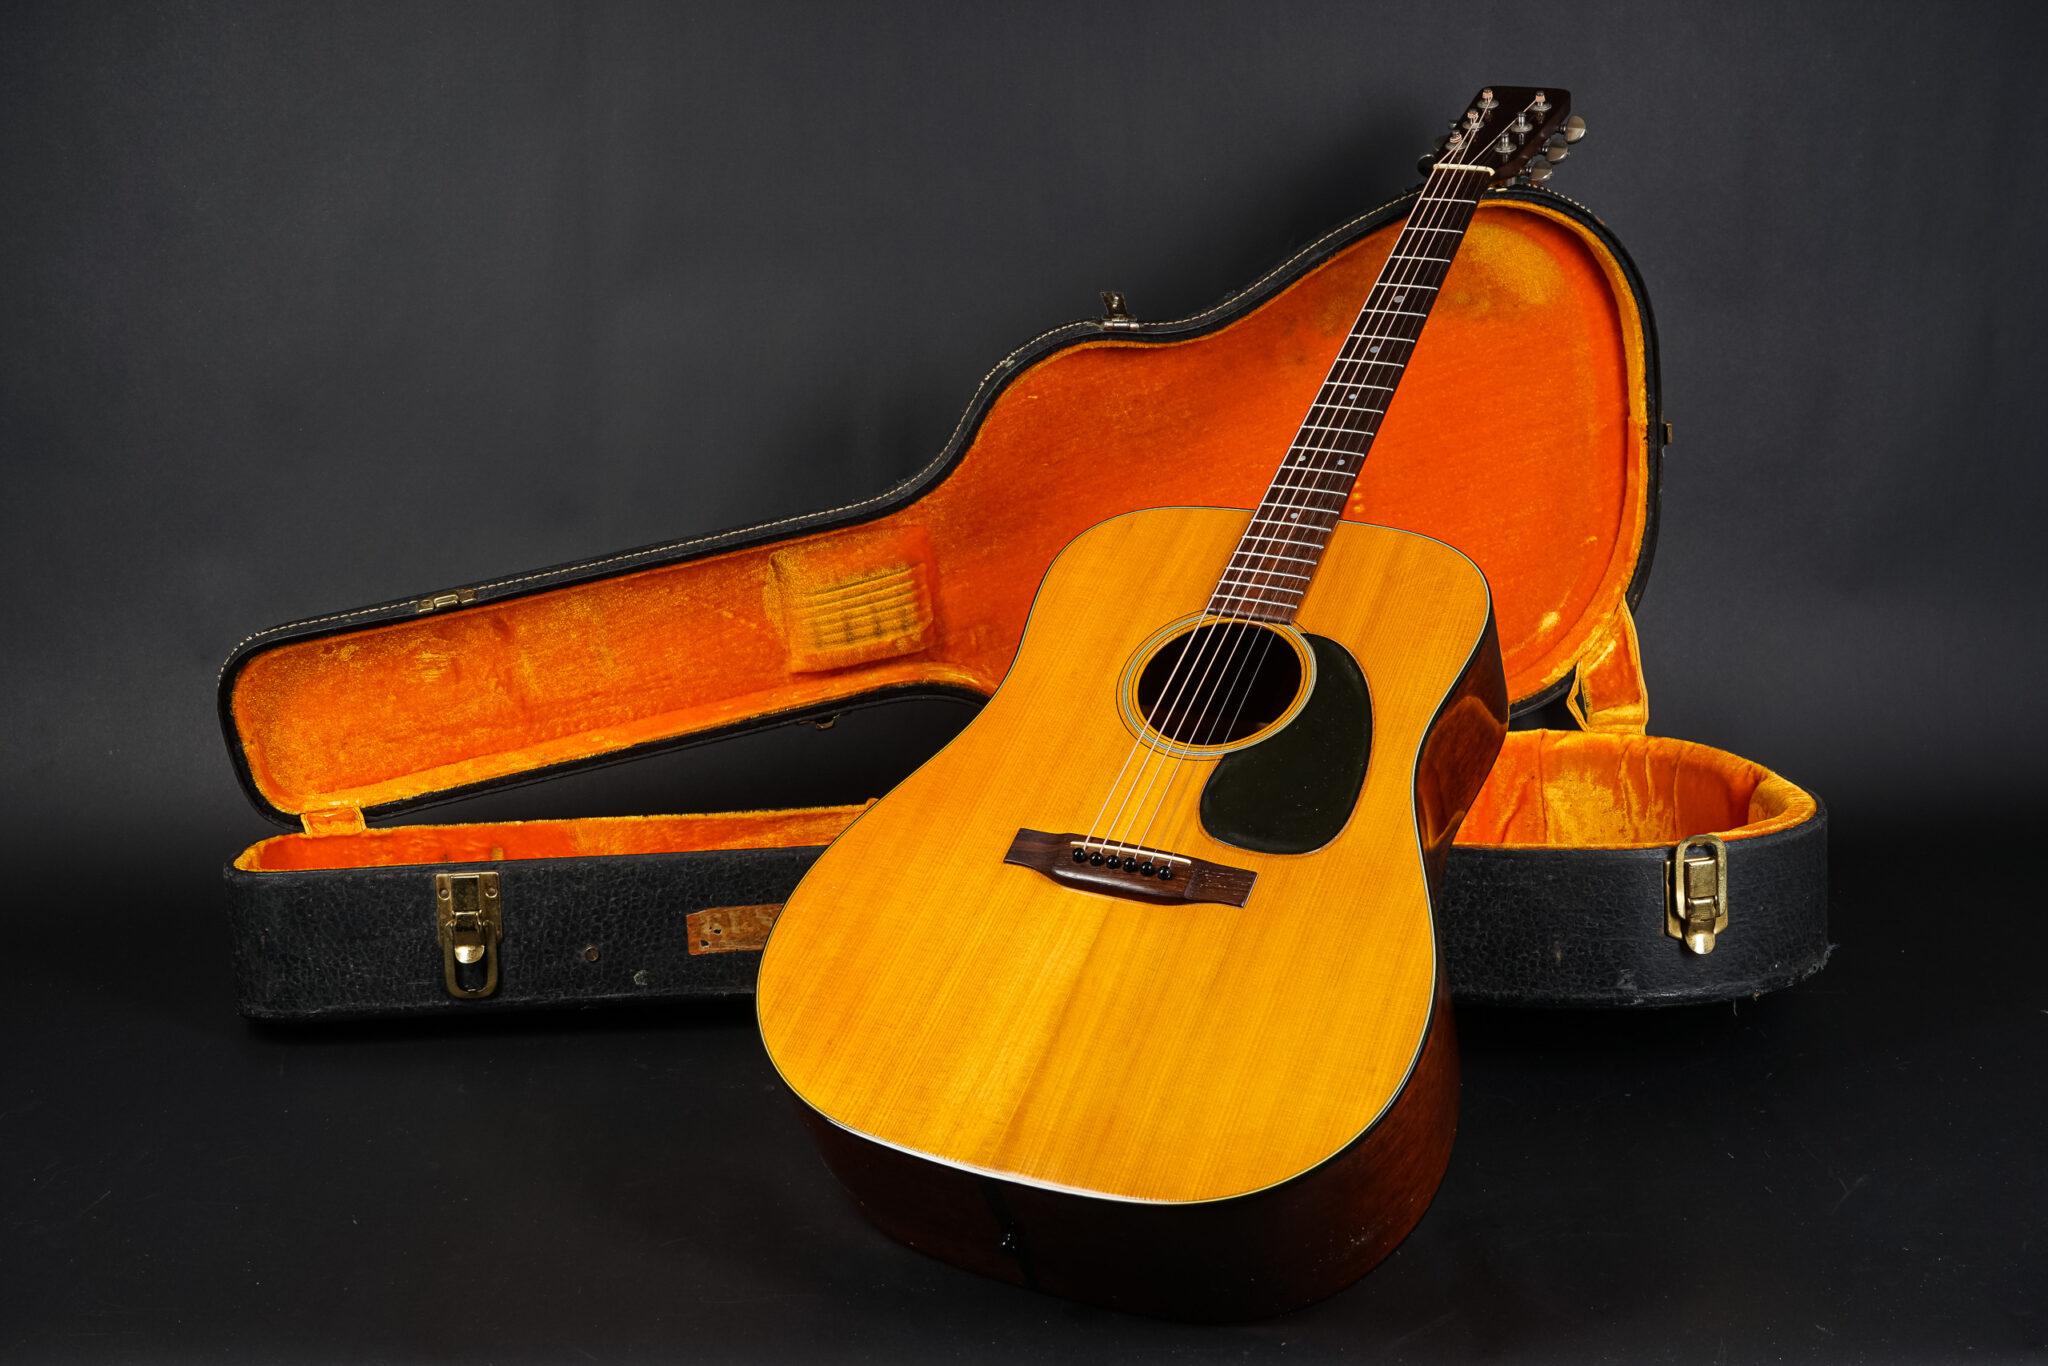 https://guitarpoint.de/app/uploads/products/1969-martin-d-18-natural-2/1969-Martin-D18-NT-249162-8-2048x1366.jpg